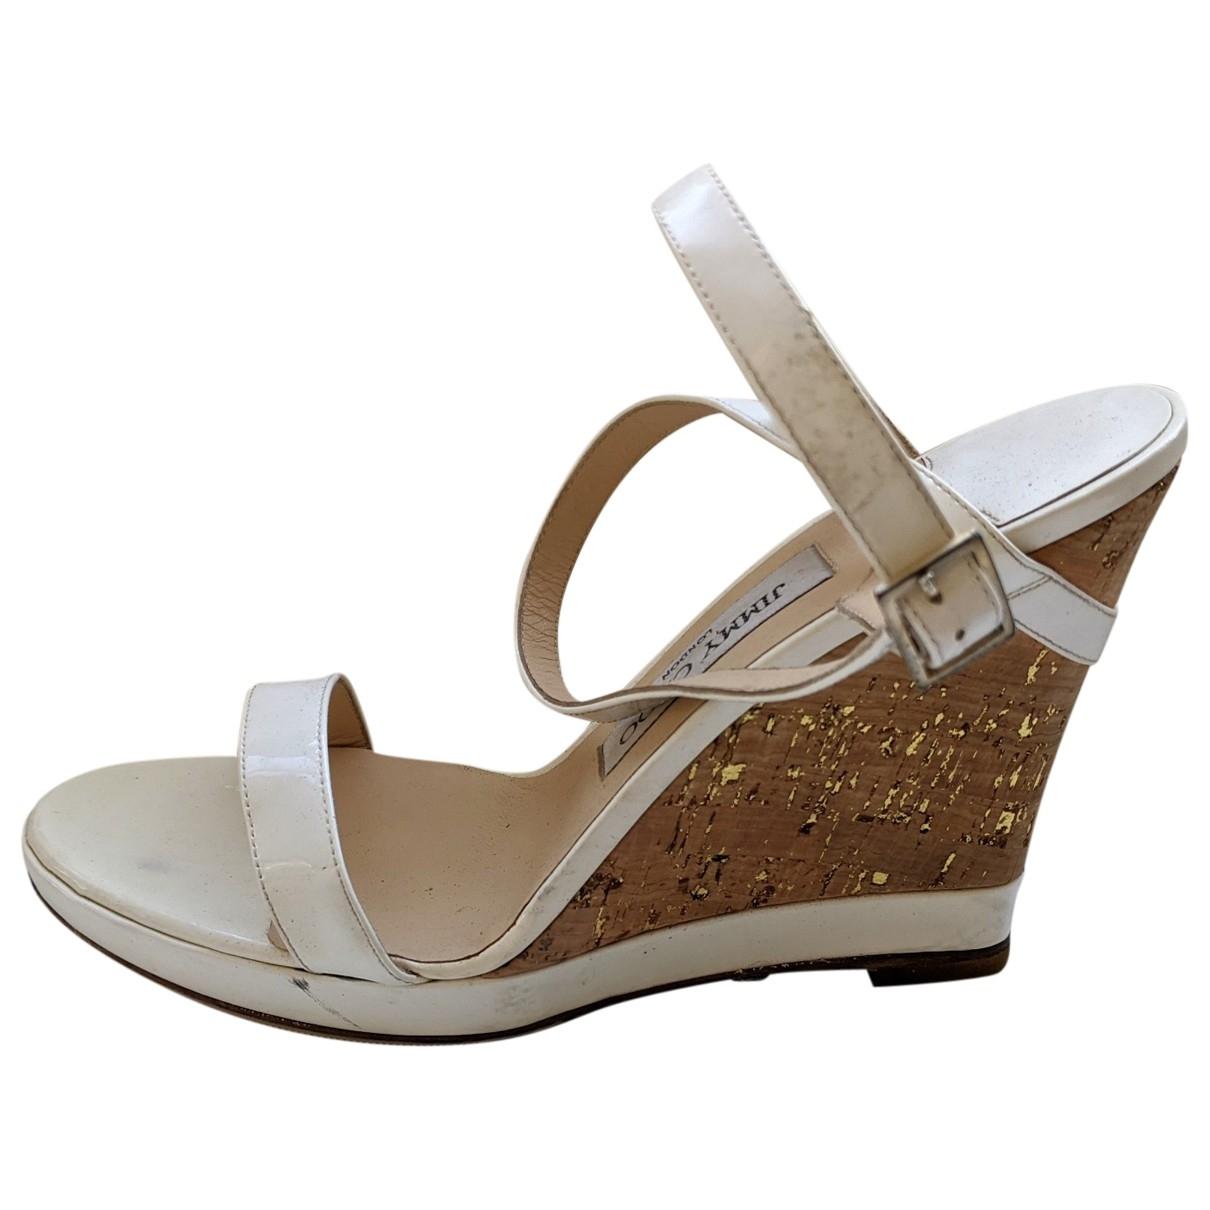 Sandalias de Charol Jimmy Choo